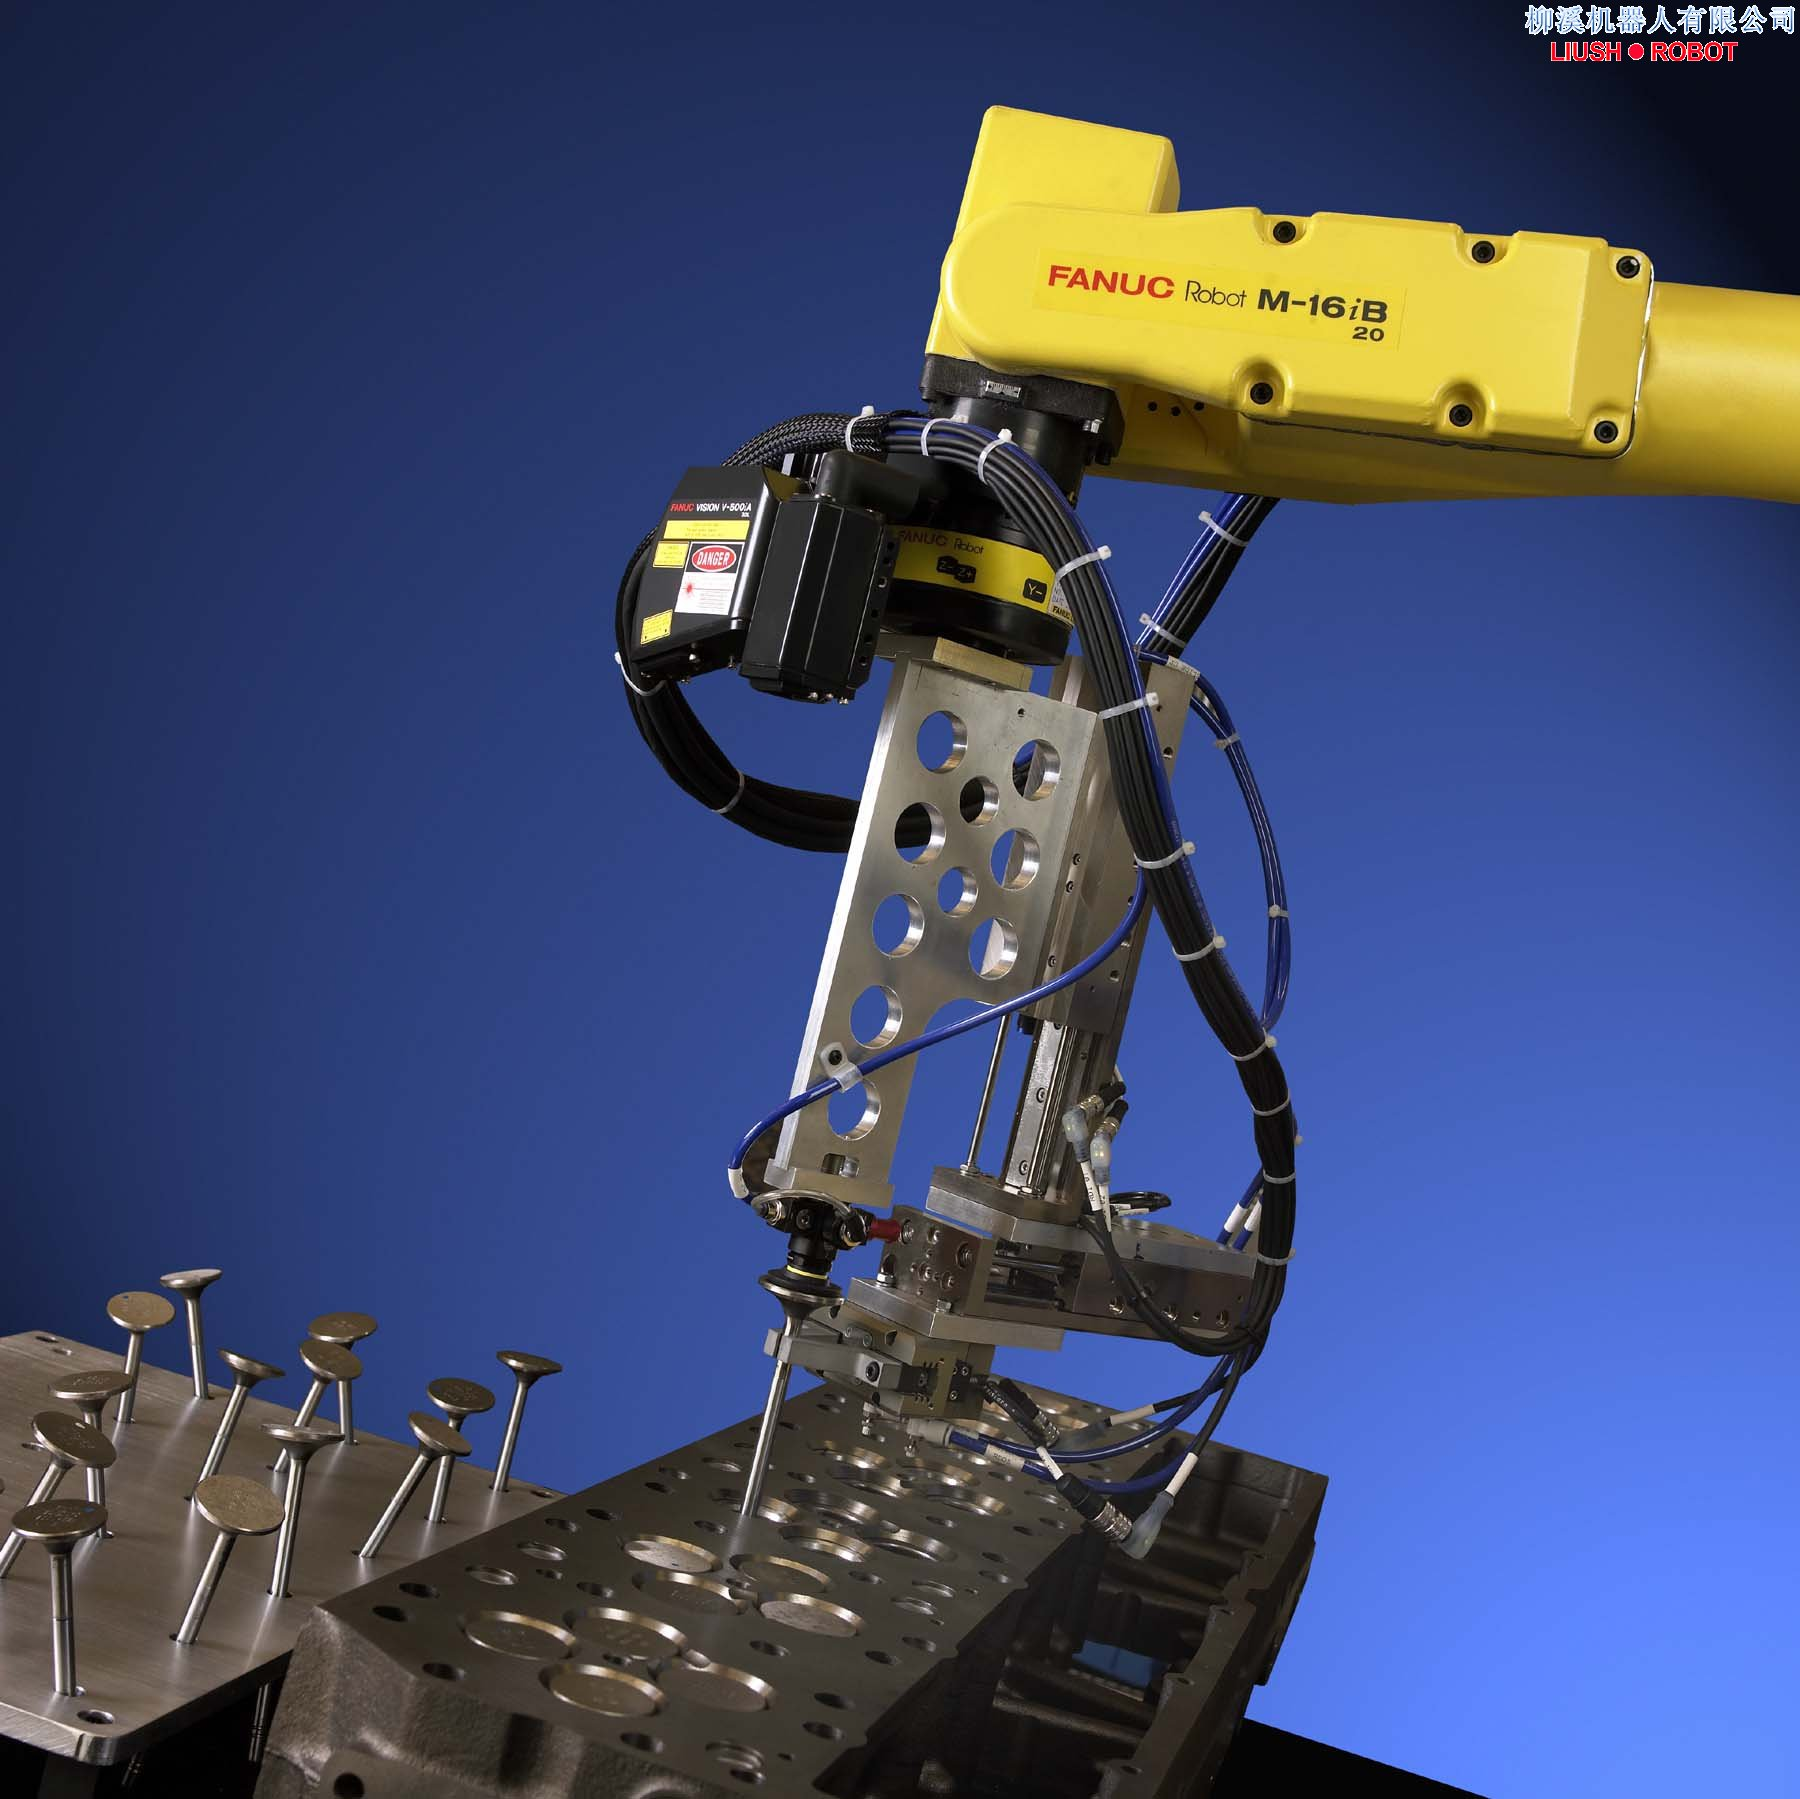 如美国,日本等国家的汽车装配生产线上采用机器人来装配汽车零部件,在